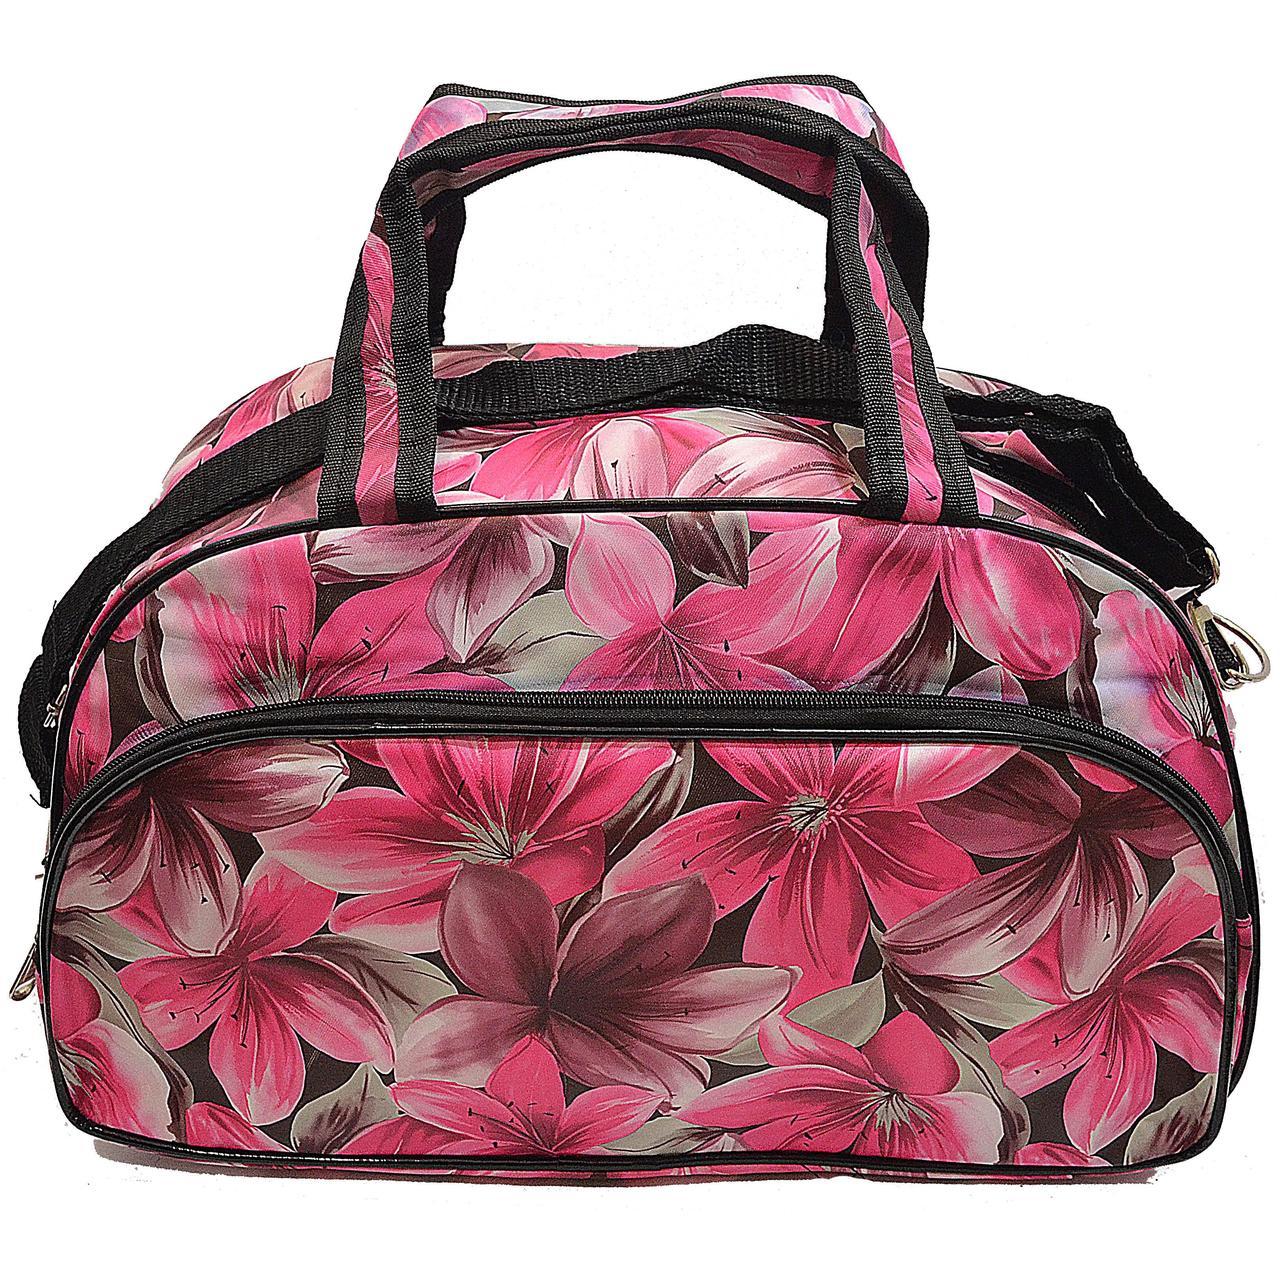 cbdd044ee50a Дорожная сумка L, лилия 2812L Розовый (53х23х19 см) купить оптом со склада